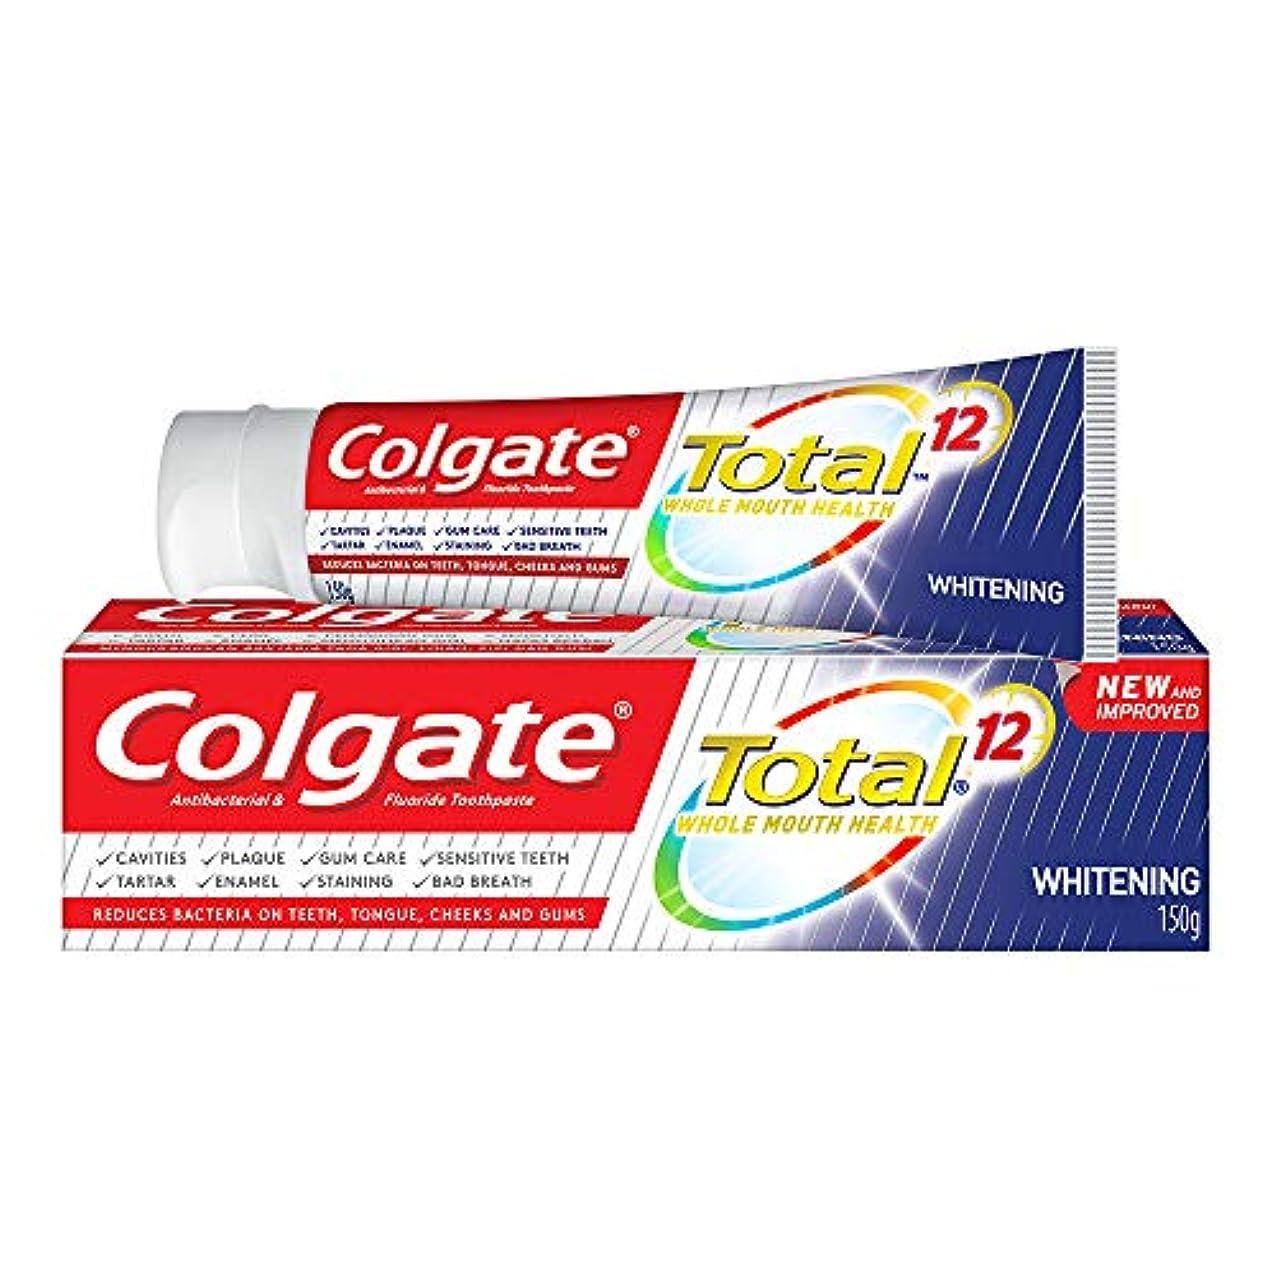 ペストリーコンチネンタル遠え(コルゲート)Colgate 歯磨き粉 Total (150g, ホールマウスヘルス)